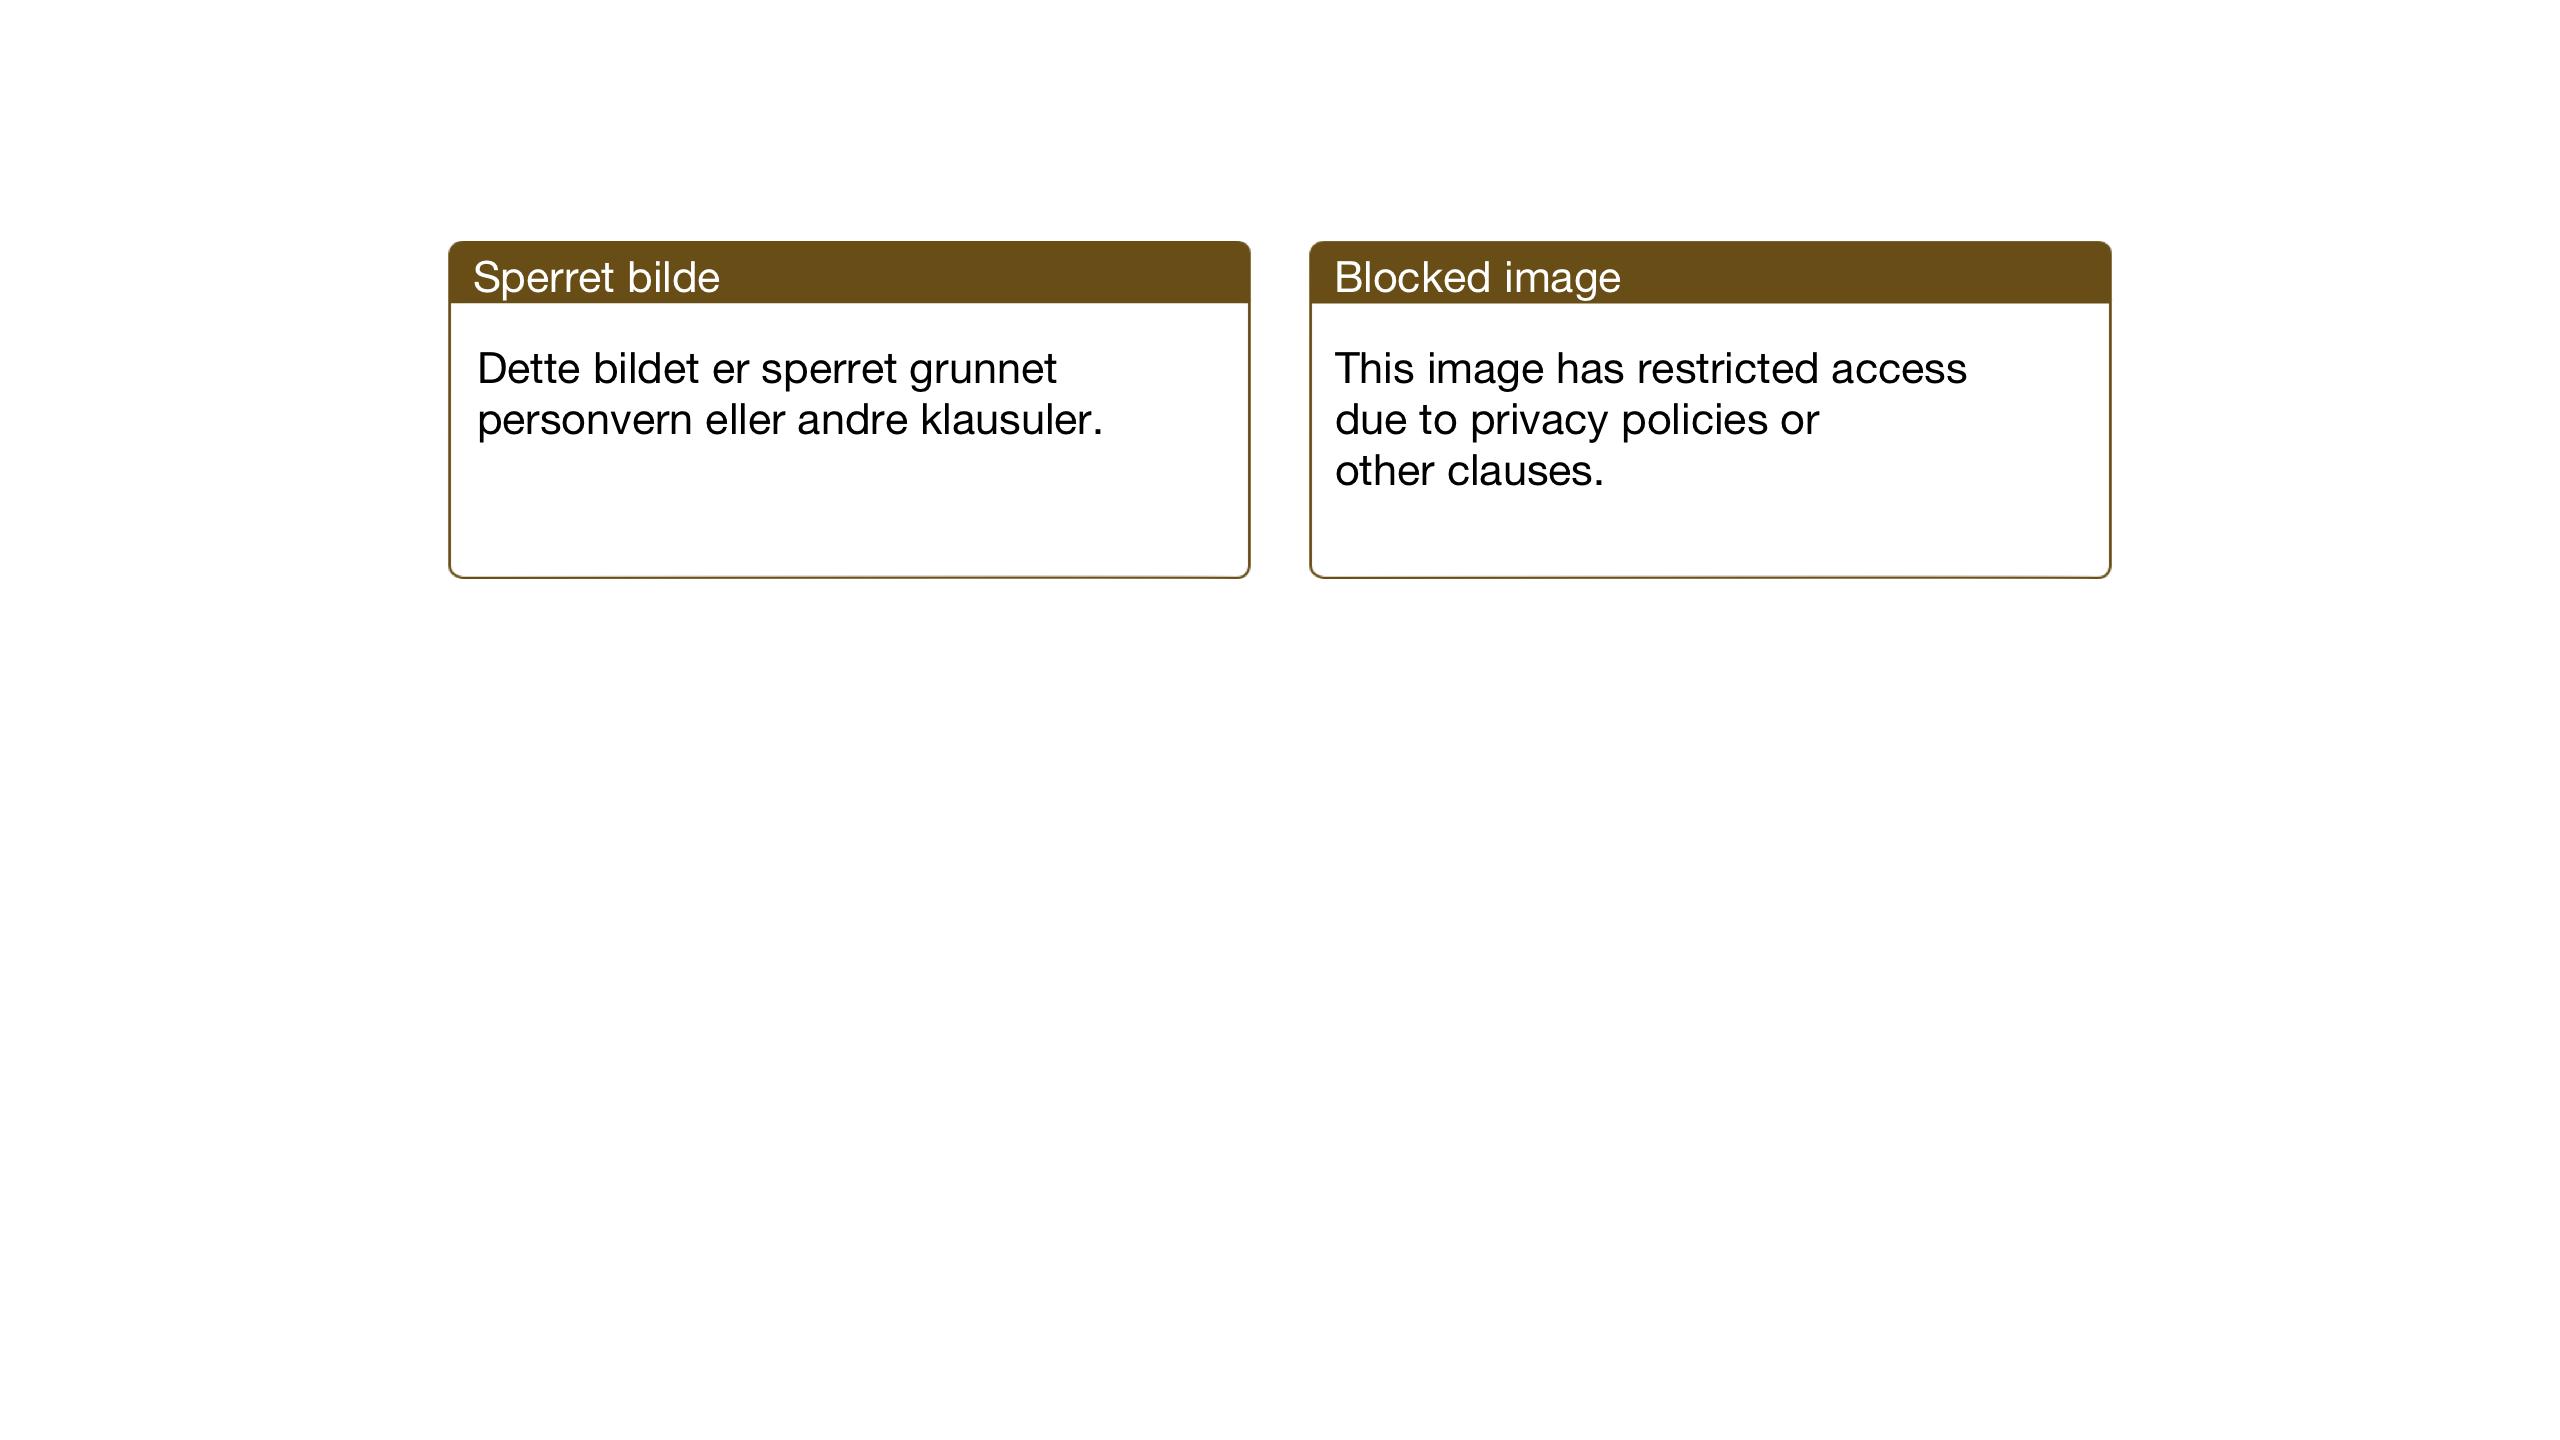 SAT, Ministerialprotokoller, klokkerbøker og fødselsregistre - Sør-Trøndelag, 682/L0947: Klokkerbok nr. 682C01, 1926-1968, s. 25